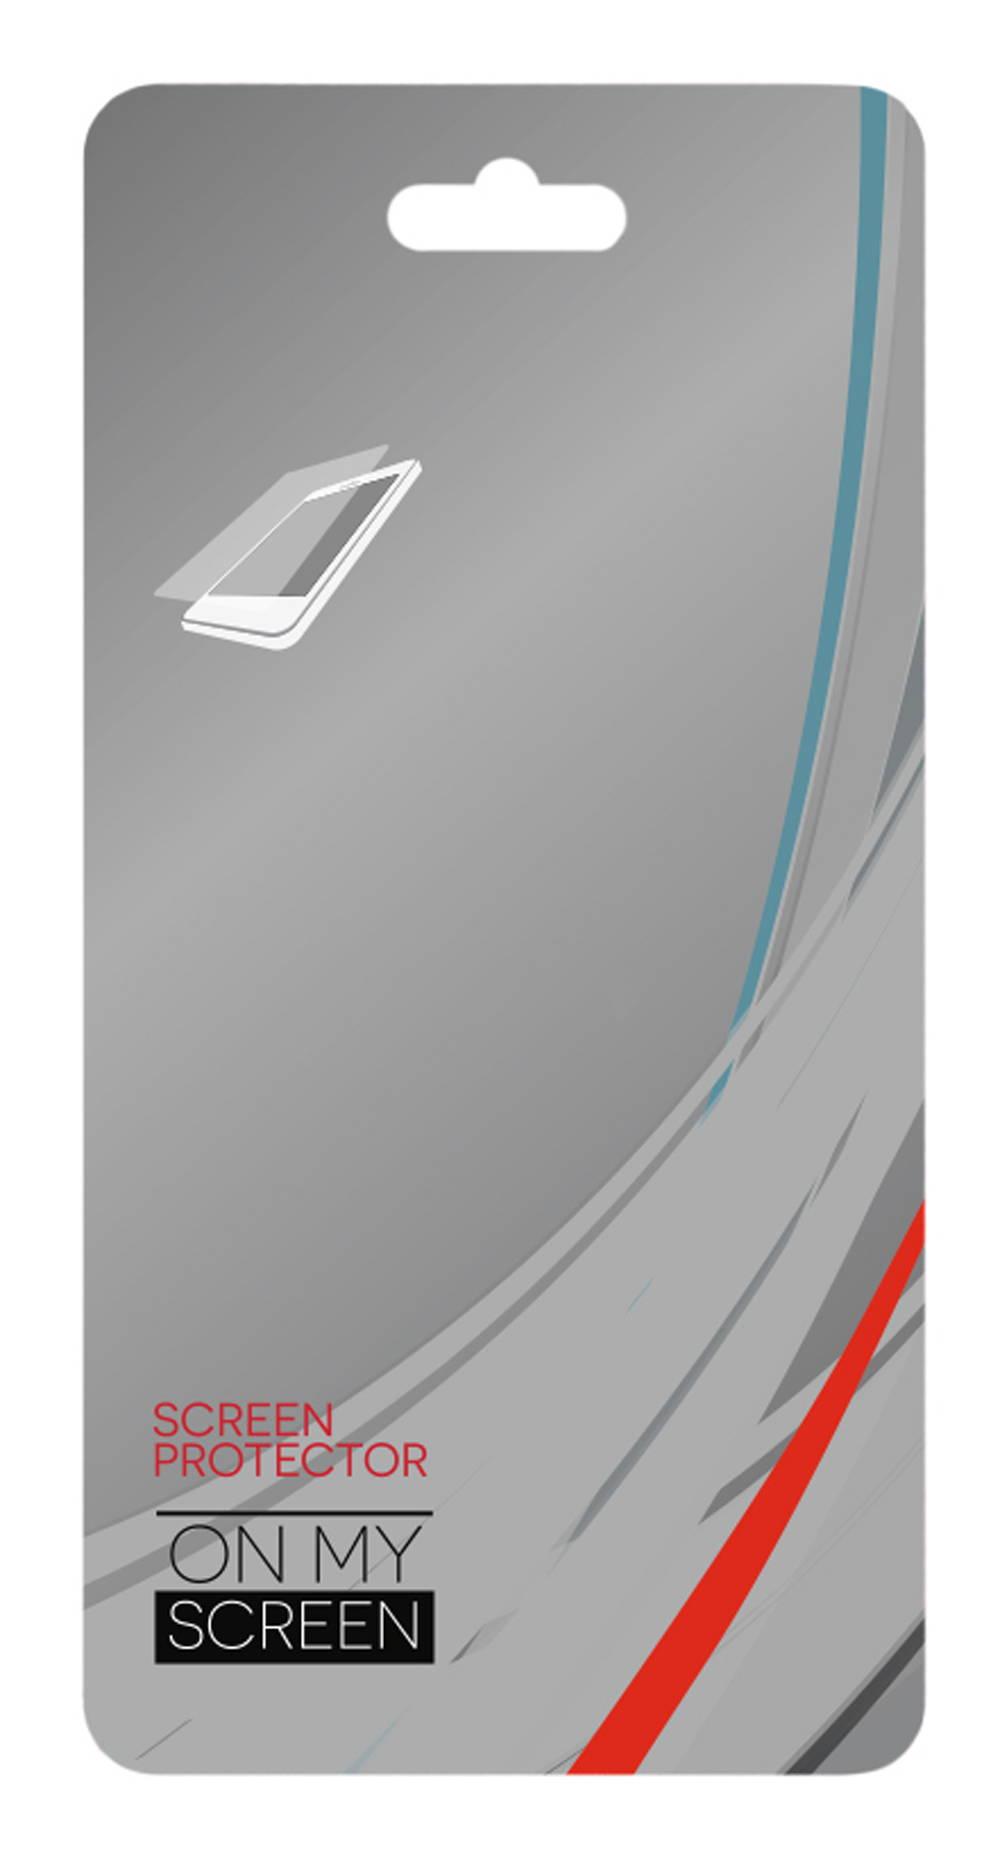 Screen Protector On My Screen για Samsung SM-A310F Galaxy A3 (2016) Clear